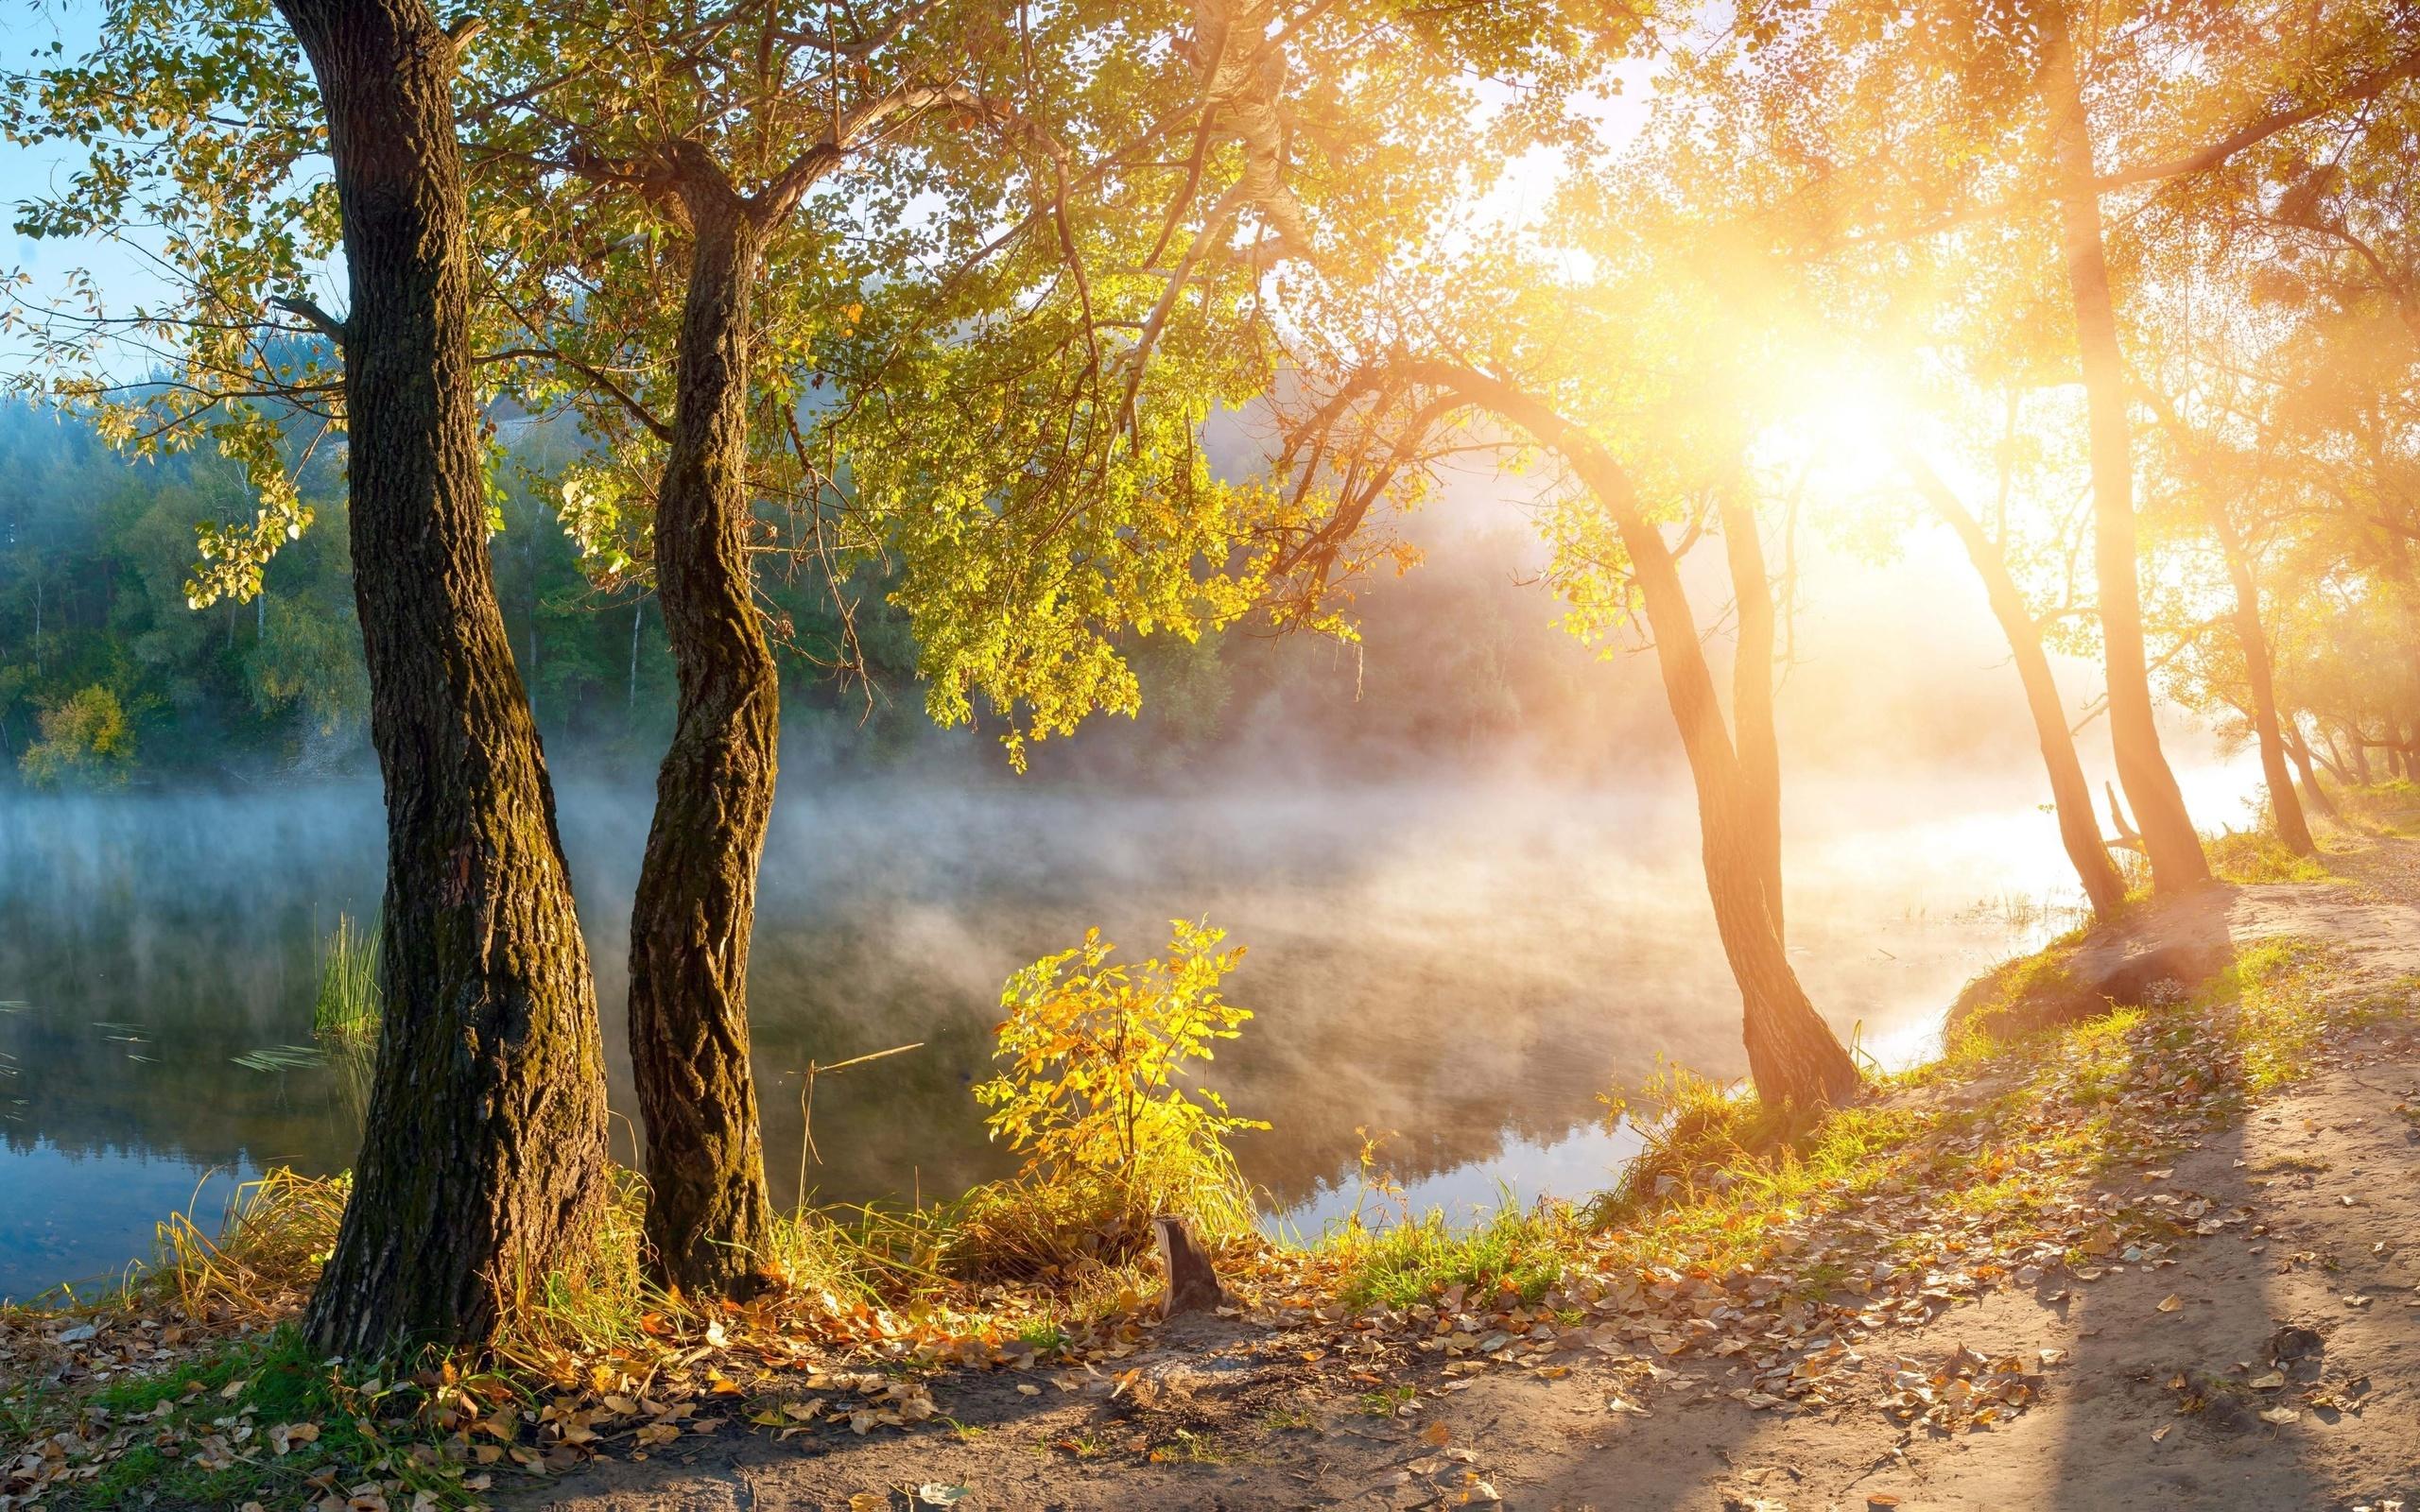 доброе утро картинки с лесом осенним подъезде купите недорого